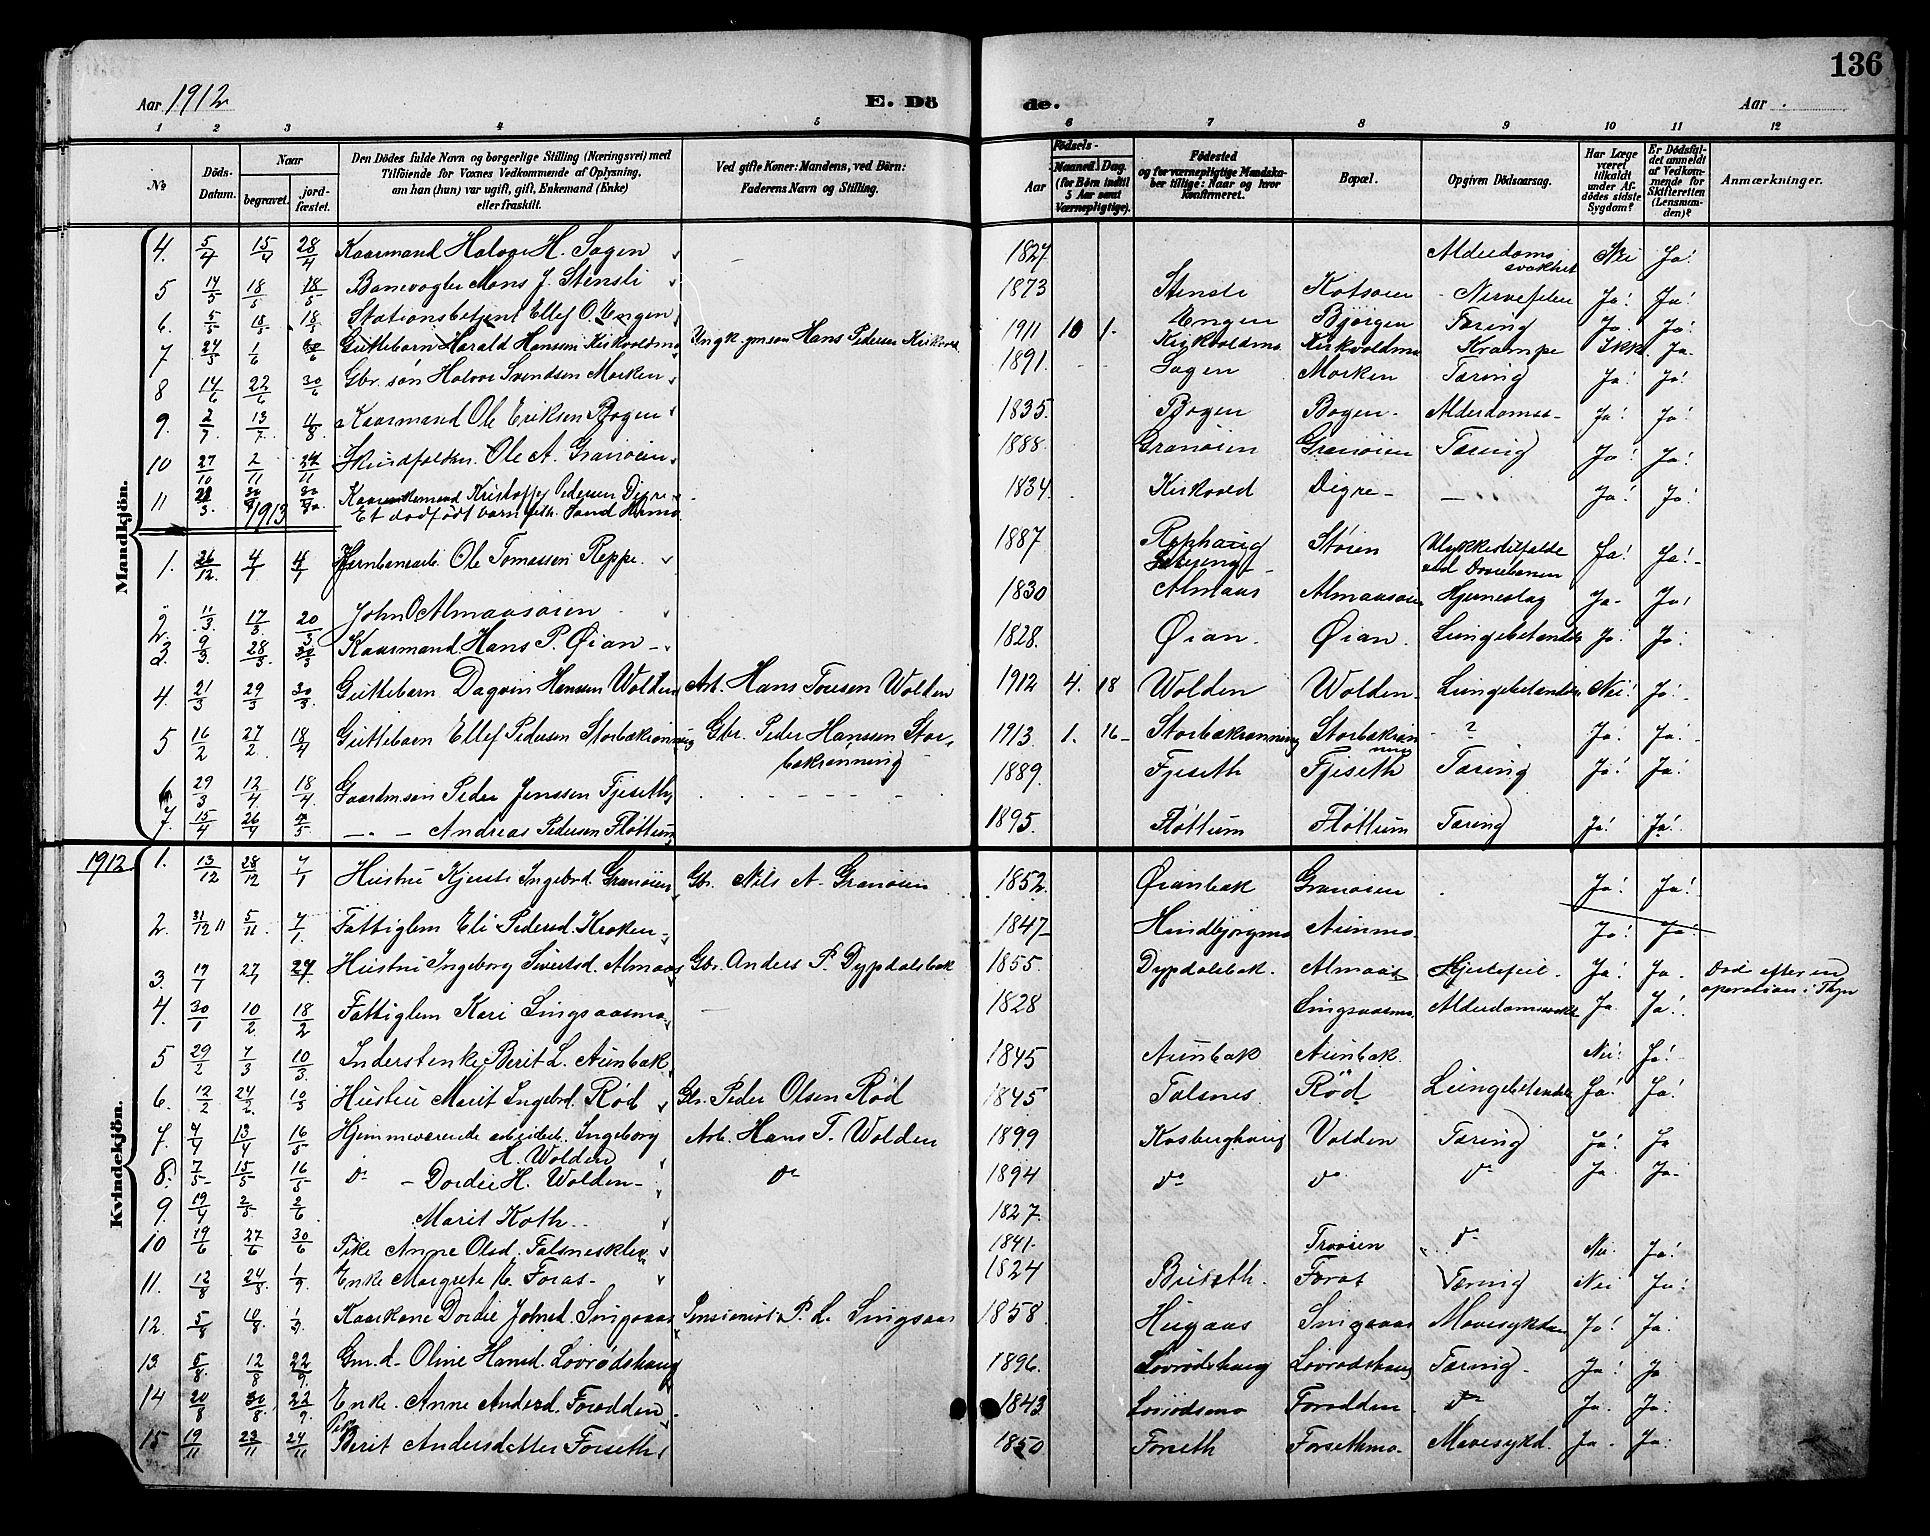 SAT, Ministerialprotokoller, klokkerbøker og fødselsregistre - Sør-Trøndelag, 688/L1029: Klokkerbok nr. 688C04, 1899-1915, s. 136